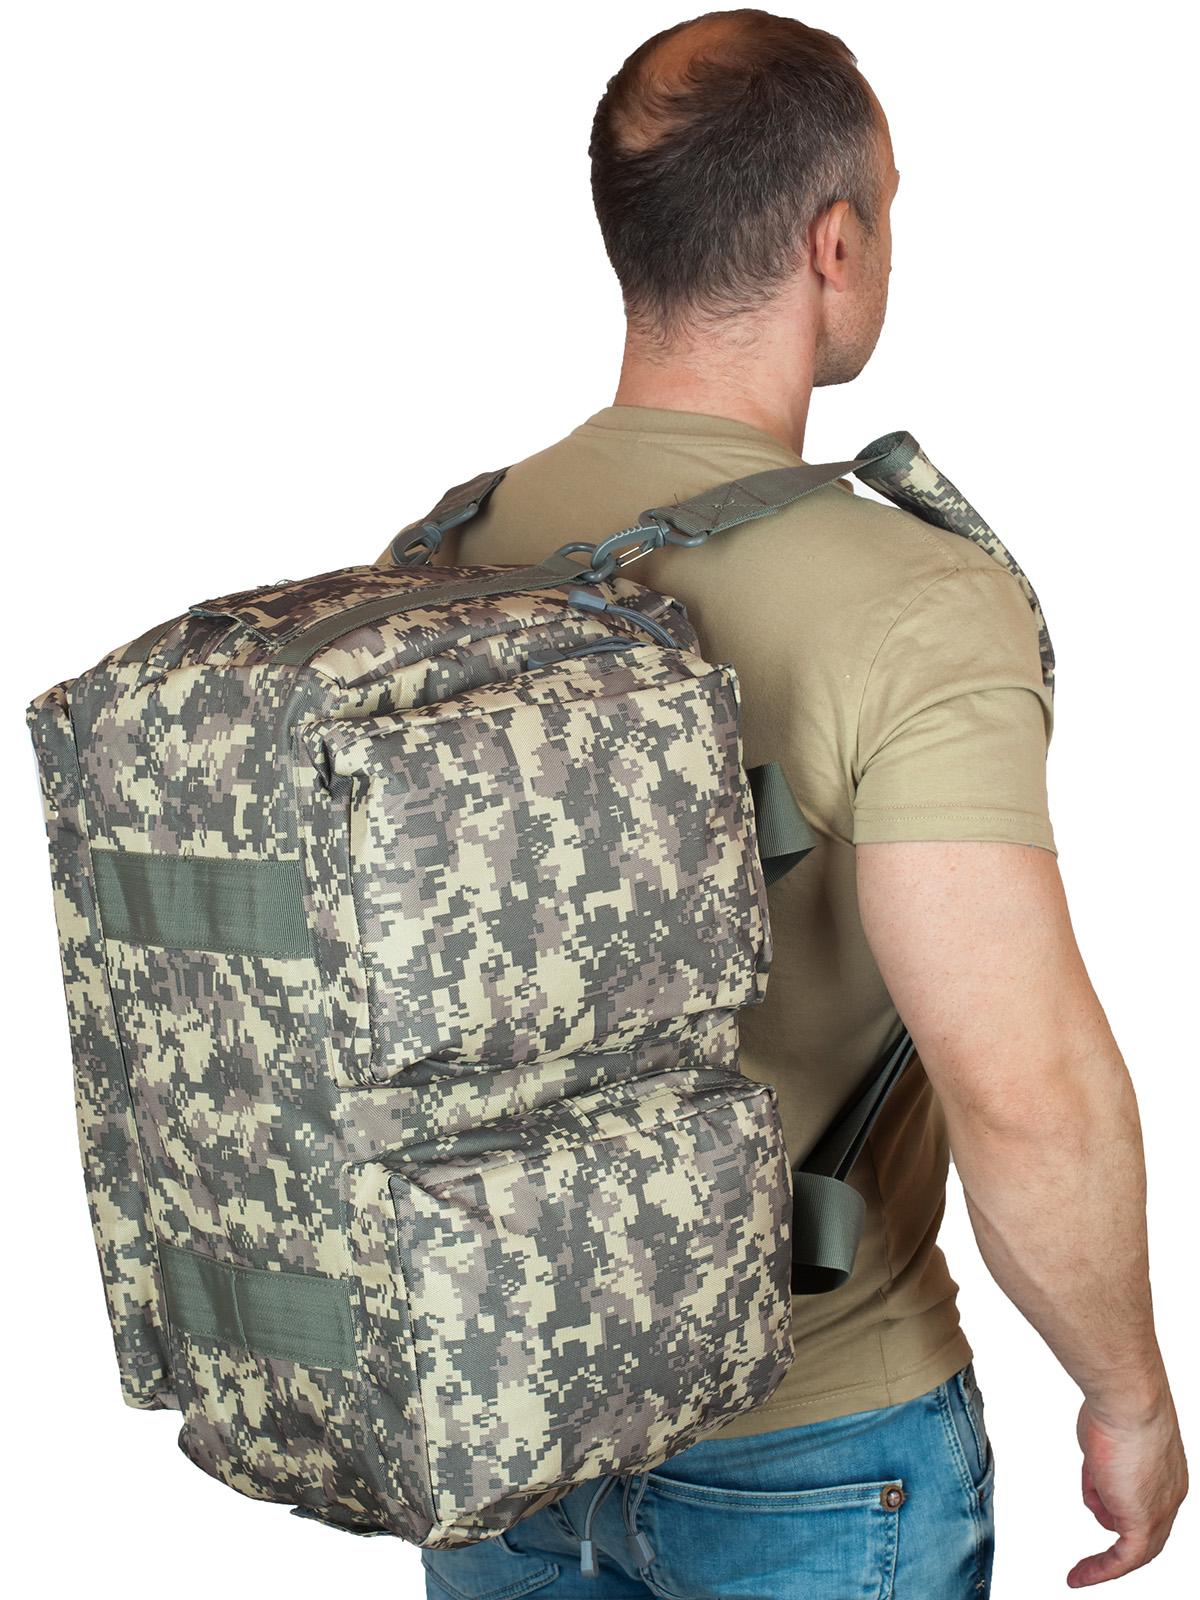 Купить камуфляжную походную сумку с нашивкой РХБЗ с доставкой по России